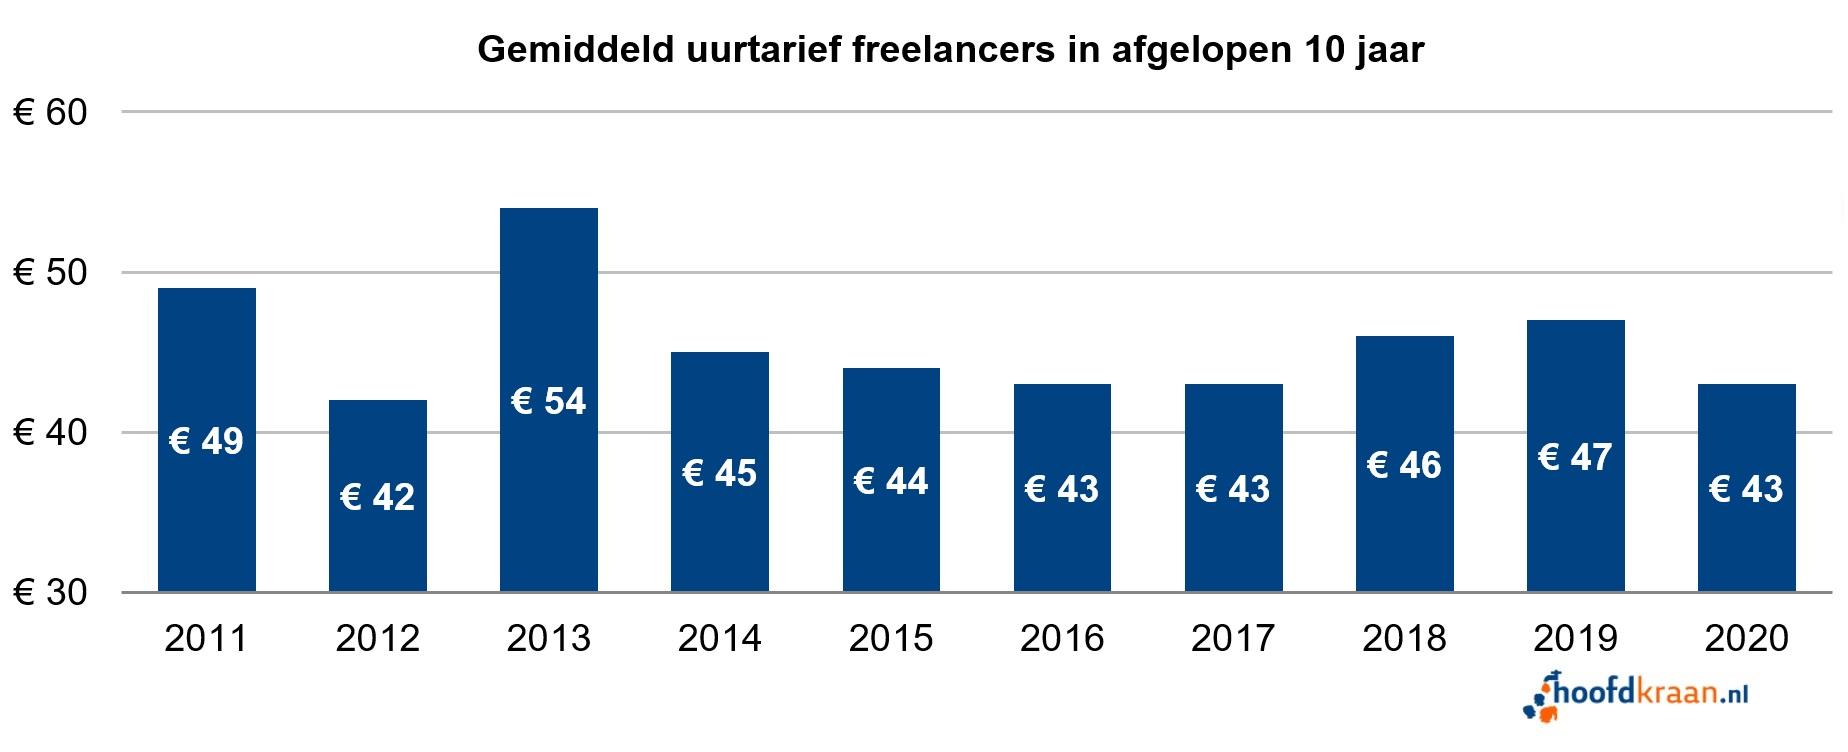 Gemiddeld uurtarief freelancers 2020.